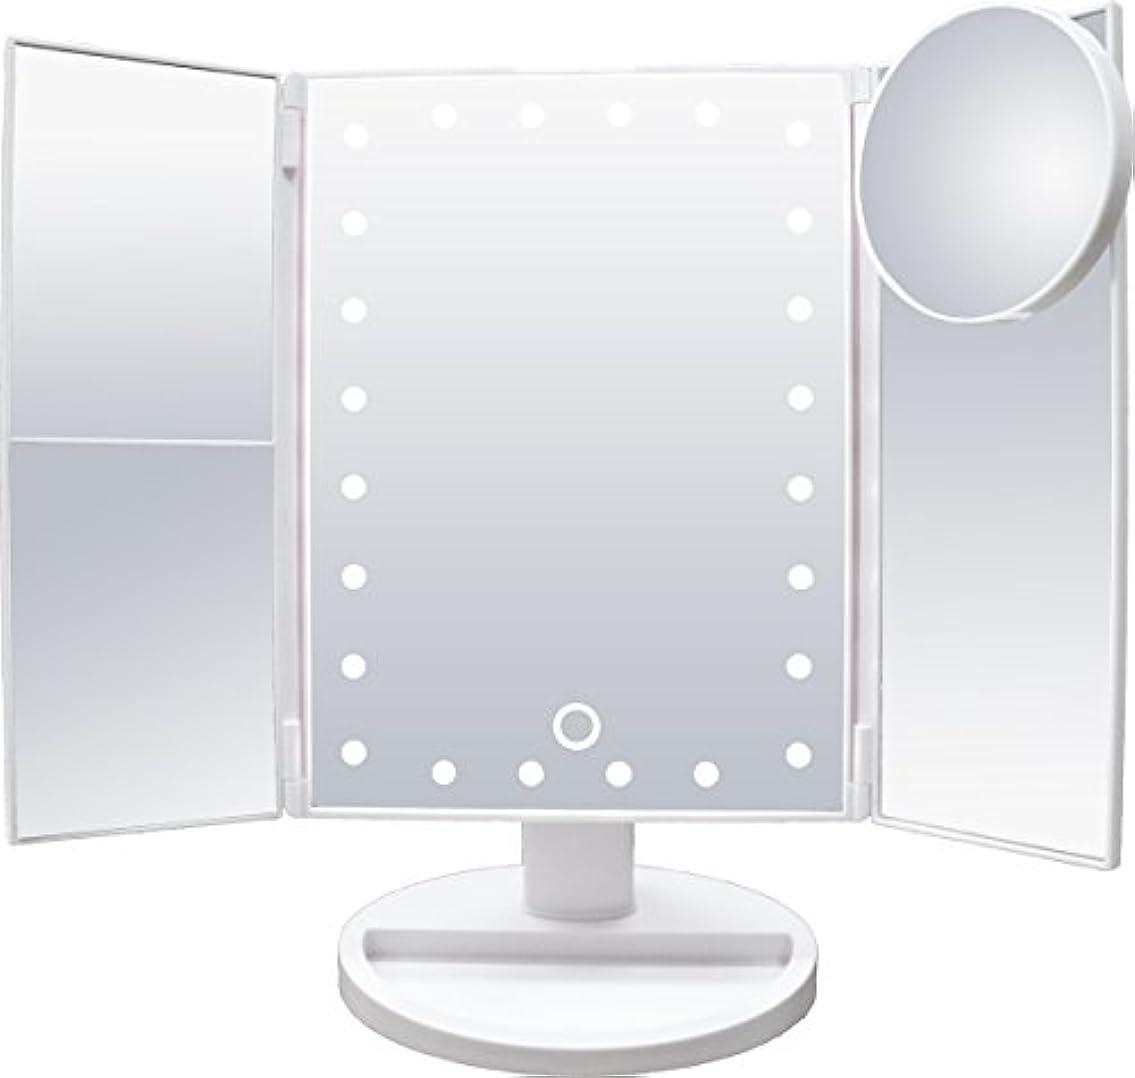 自然もう一度使い込むsantasan LED化粧鏡 24灯LED 女優ミラー 15倍拡大鏡付き 卓上 折り畳み式 三面鏡 (ホワイト)